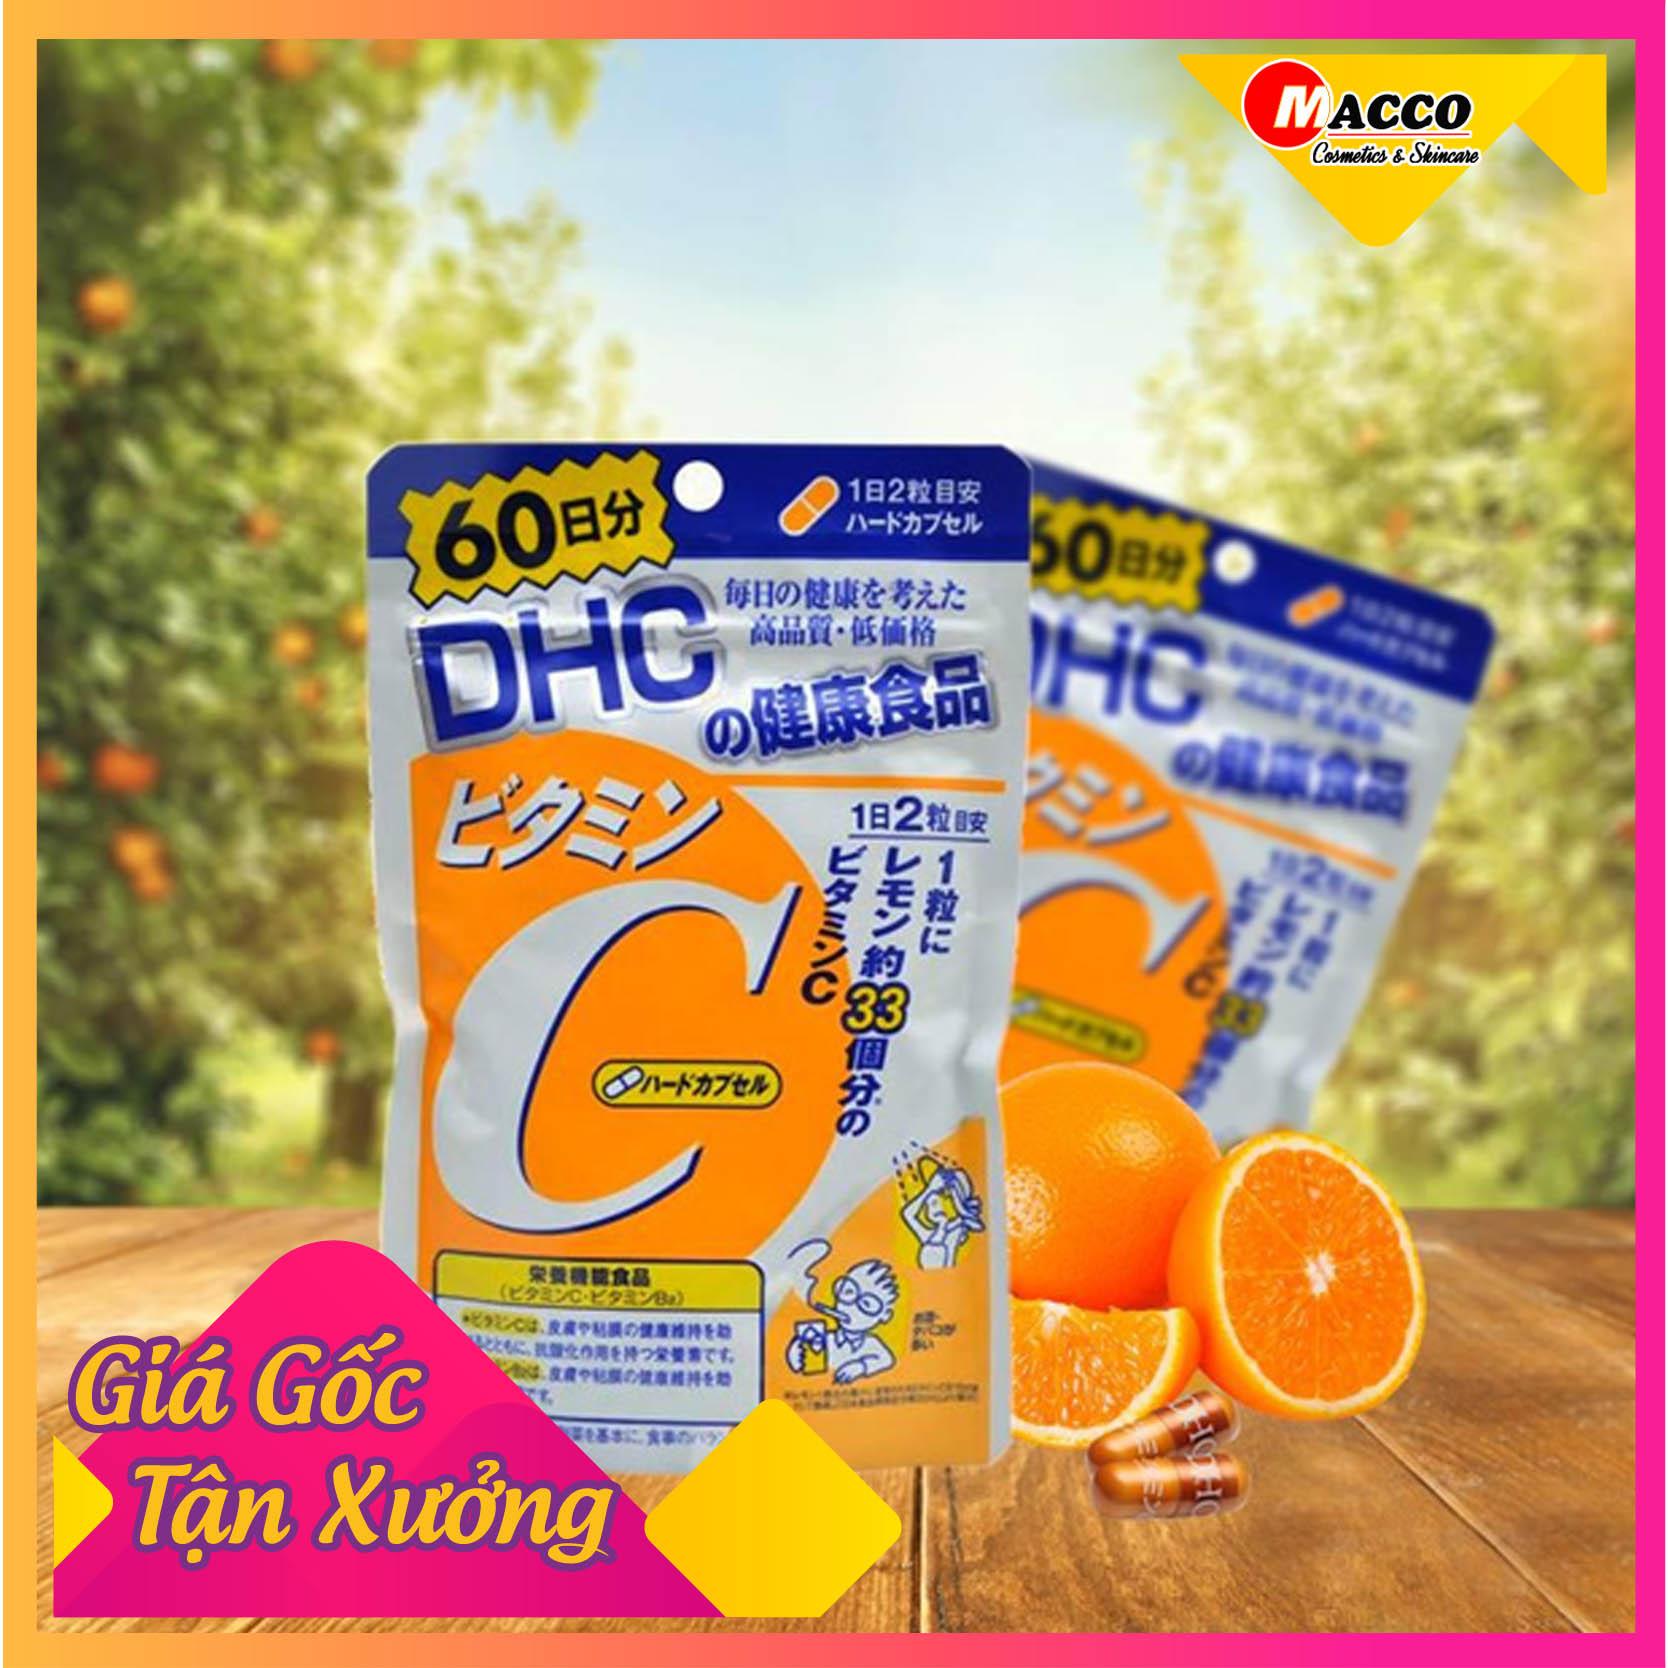 Viên uống DHC bổ sung Vitamin C 120 viên 60 ngày của Nhật Bản Tăng Cường Hệ Miễn Dịch, Ngăn Ngừa Cảm Cúm Thông Thường, Giữ Cho Hệ Hô Hấp Được Bảo Toàn